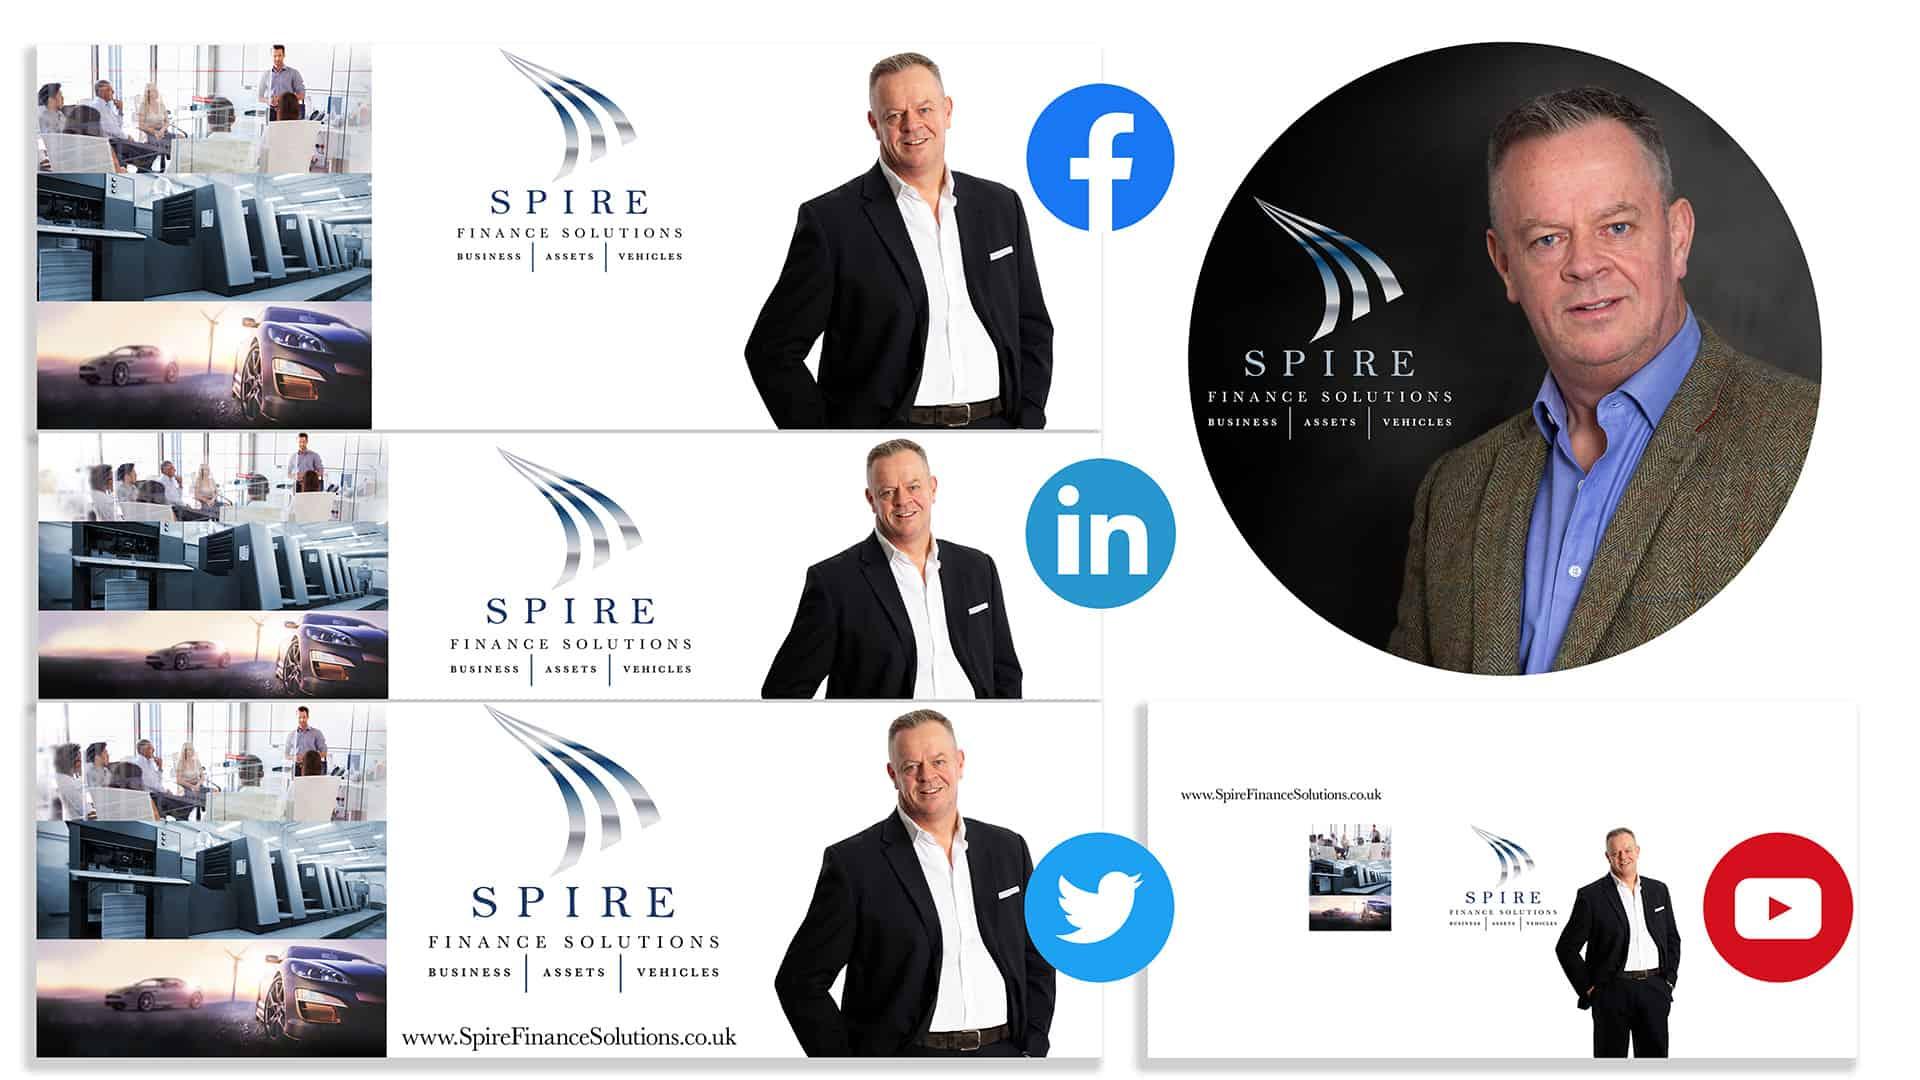 Spire Finance Image 3